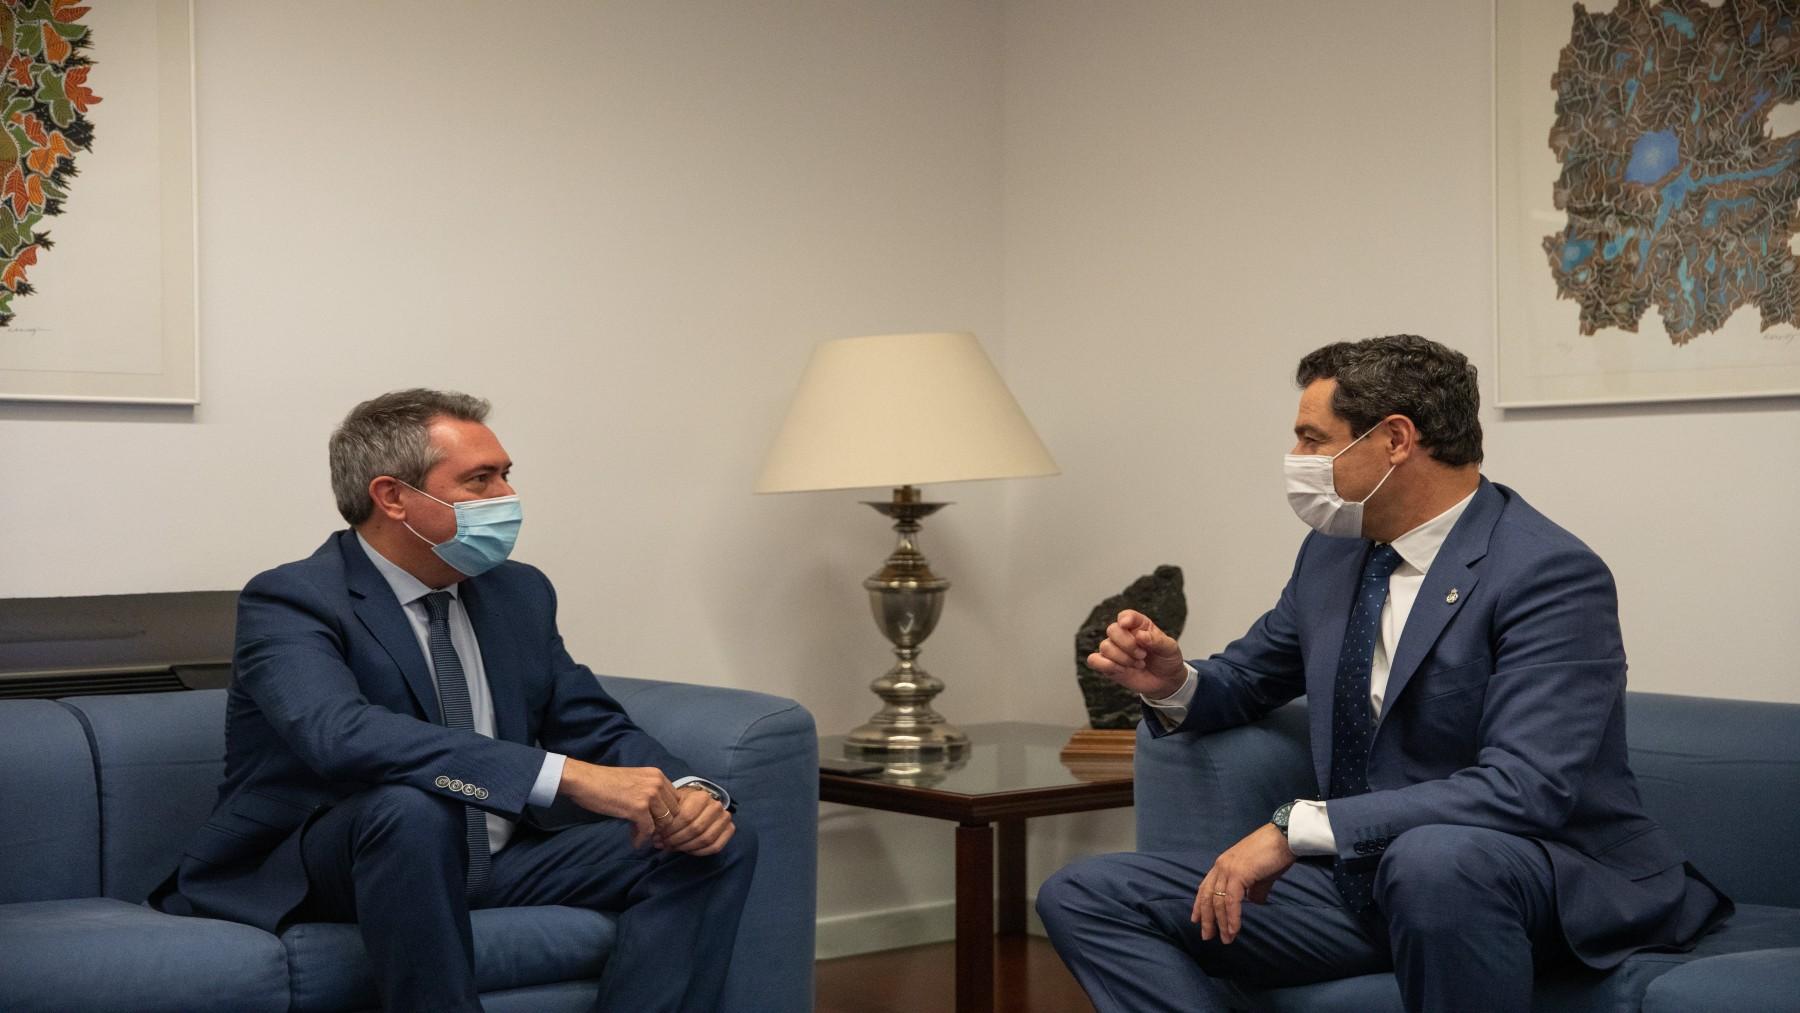 Reunión entre el presidente de la Junta, Juanma Moreno (d), y el socialista Juan Espadas (MARÍA JOSÉ LÓPEZ / EUROPA PRESS).